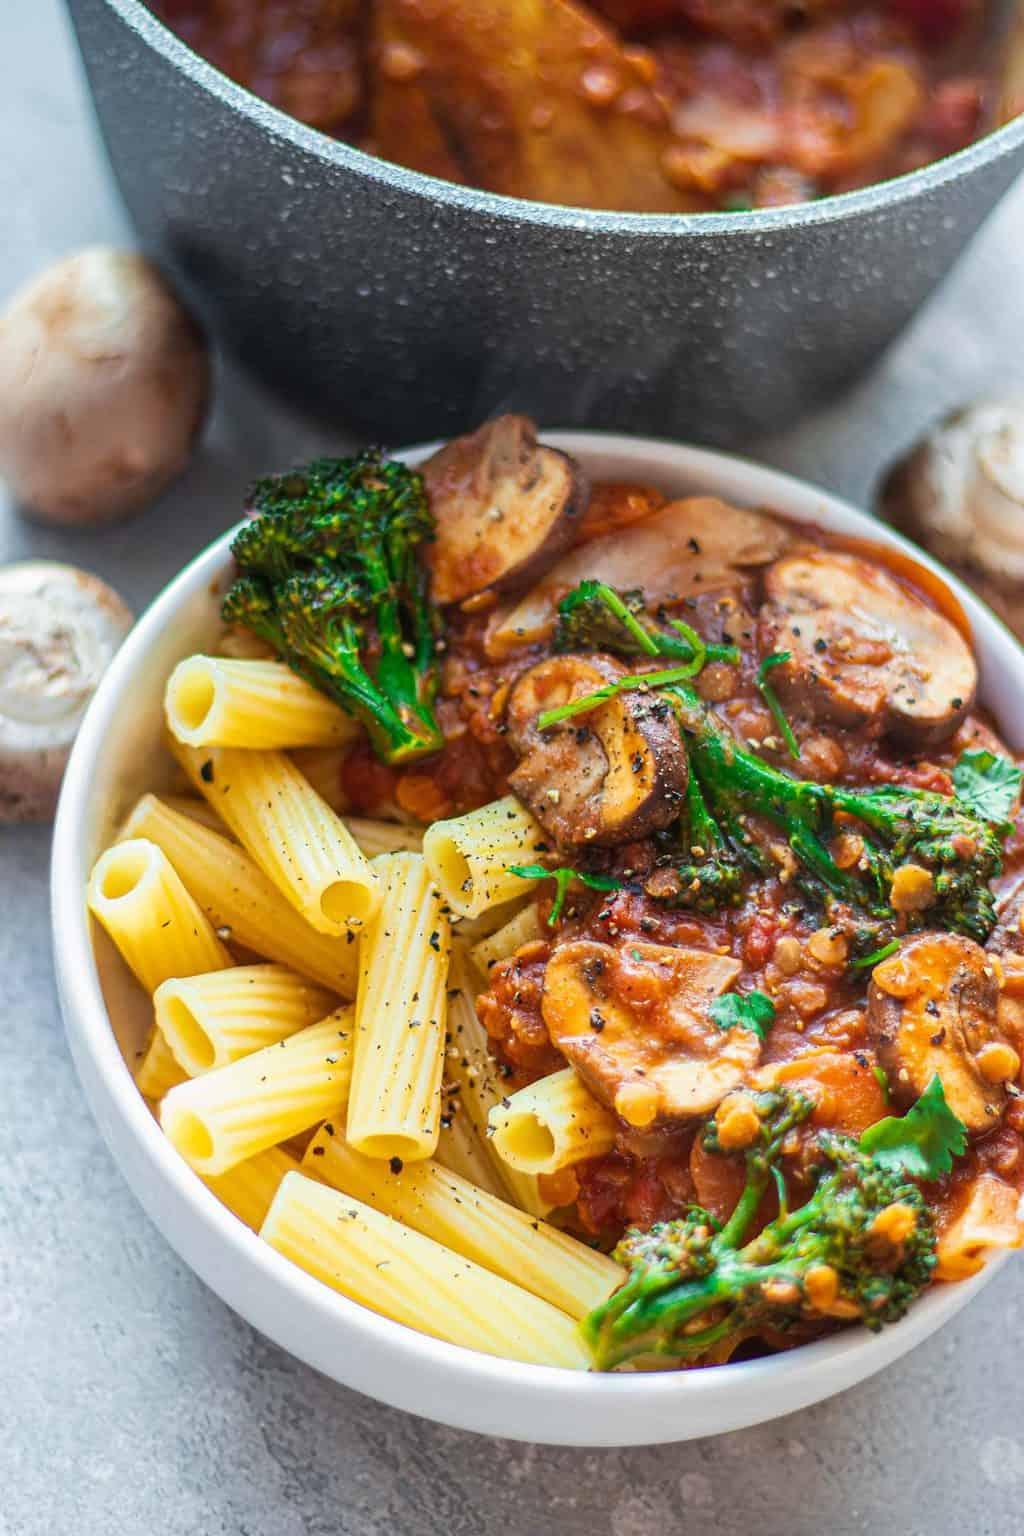 Vegan pasta sauce in a white bowl